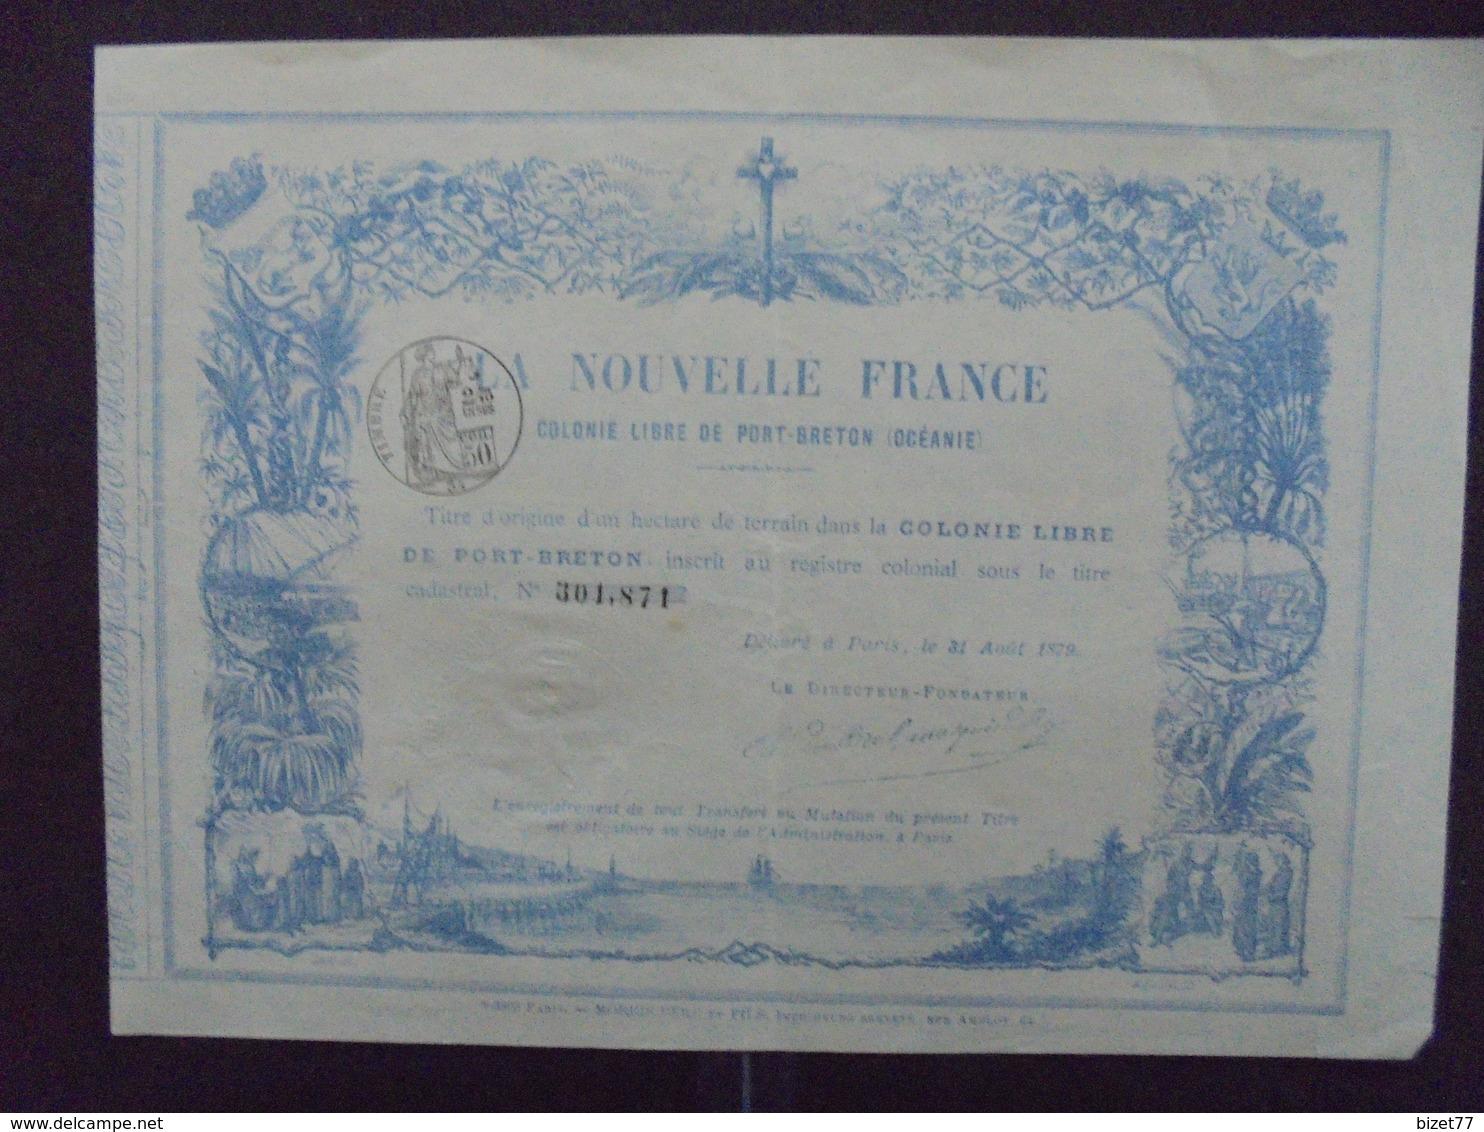 OCEANIE - COLONIE LIBRE DE PORT-BRETON - LA NOUVELLE FRANCE - TITRE D'UN HECTARE DE TERRAIN - PARIS 1879 - DECO - Shareholdings